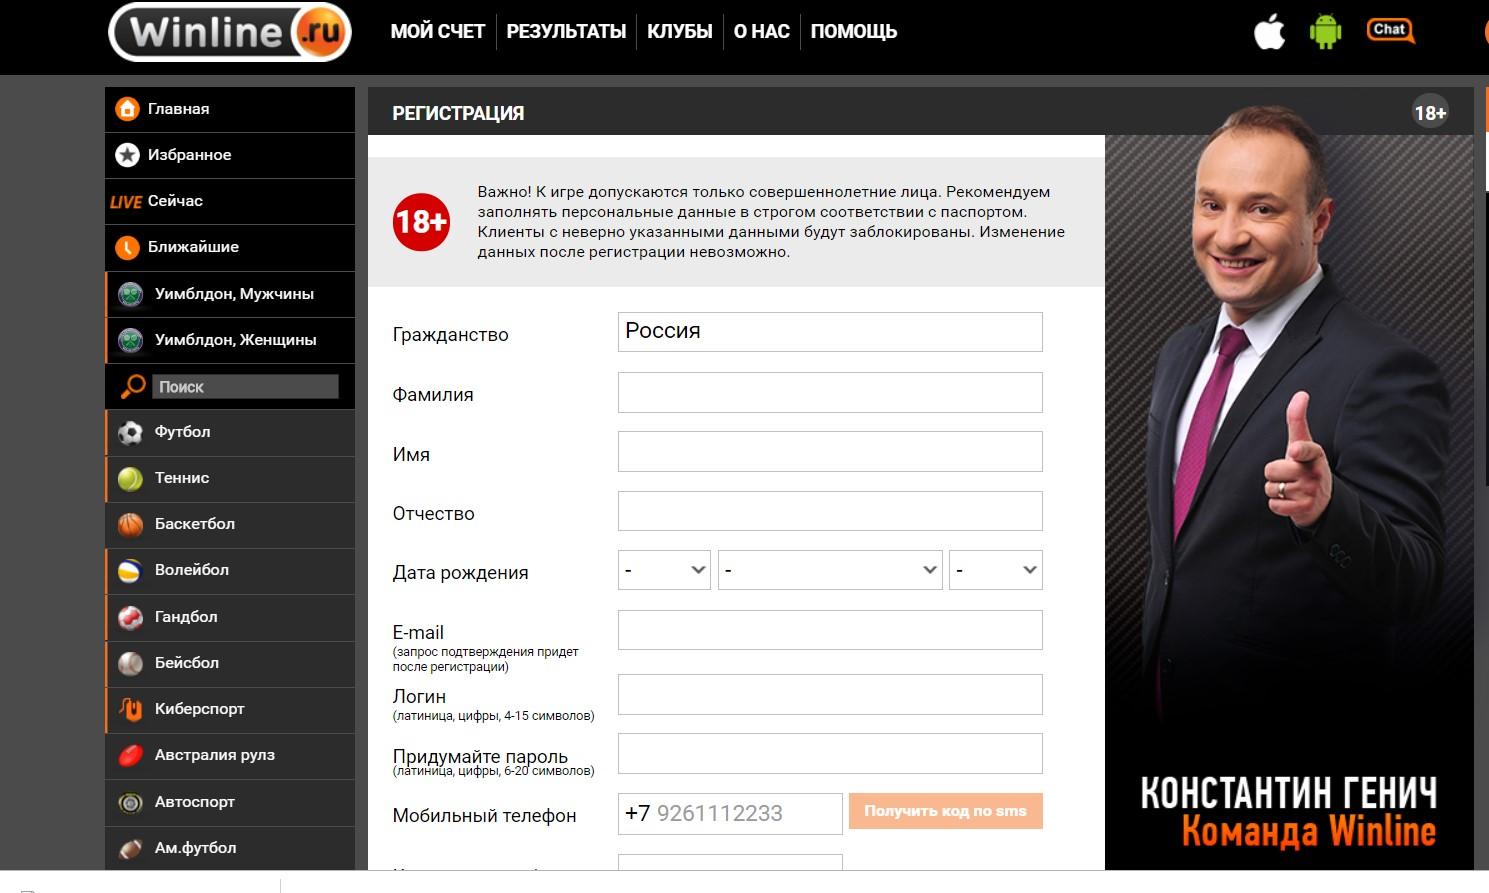 регистрация на сайте винлайн